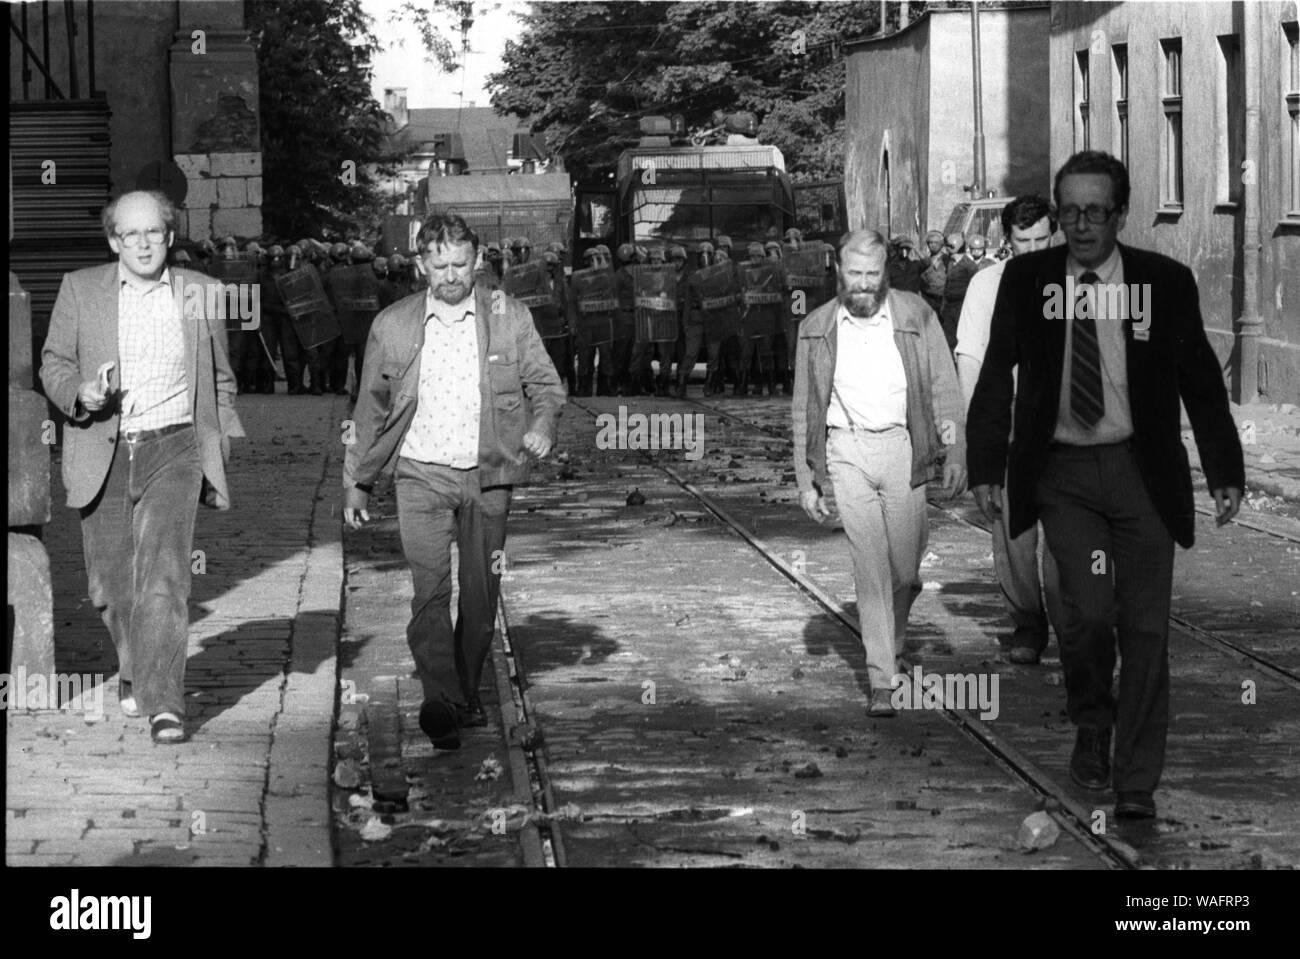 Krakow, 18.05.1989. Student demonstration on  Dominikanska street. KPN, NZS, WiP, fight against the millitary and ZOMO units. Returning from negotiations with ZOMO from left are: Jan Rokita; Tadeusz Piekarz; Stefan Jurczak; Krzysztof Kozlowski. Fot. Andrzej Stawiarski / FORUM Stock Photo